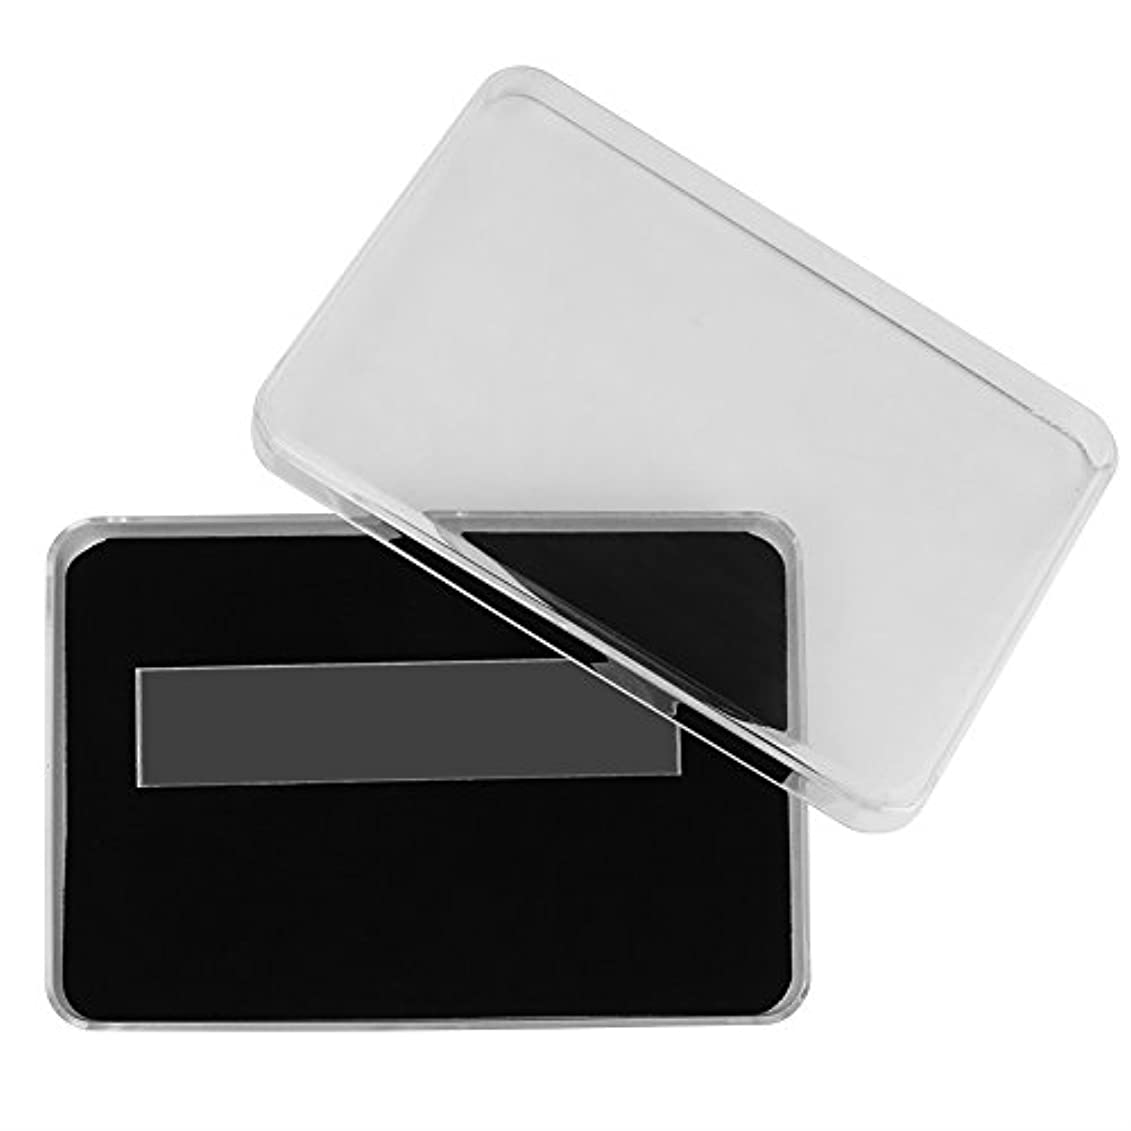 未知の会計エッセンスネイルアート収納ケース、ネイルポリッシュカラーディスプレイボックスネイルアート表示チャートコンテナマニキュア